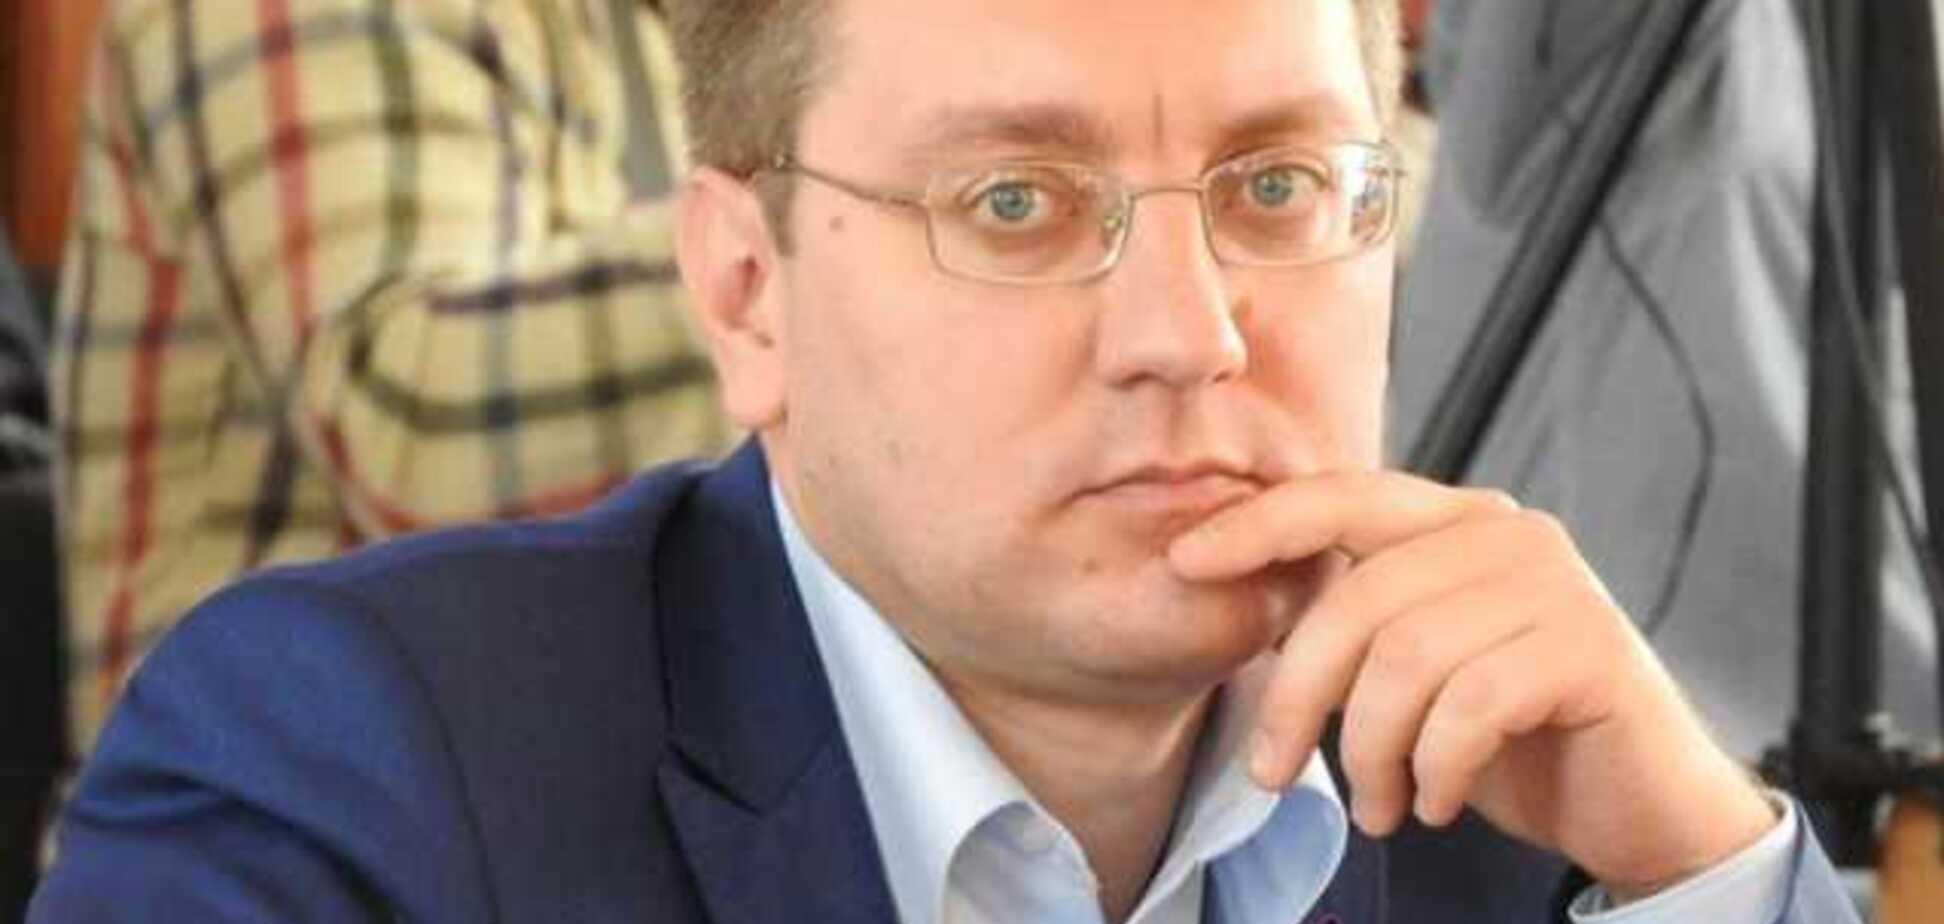 После публикации OBOZREVATEL СБУ взялась за депутата, поздравившего с 23 февраля флагом России